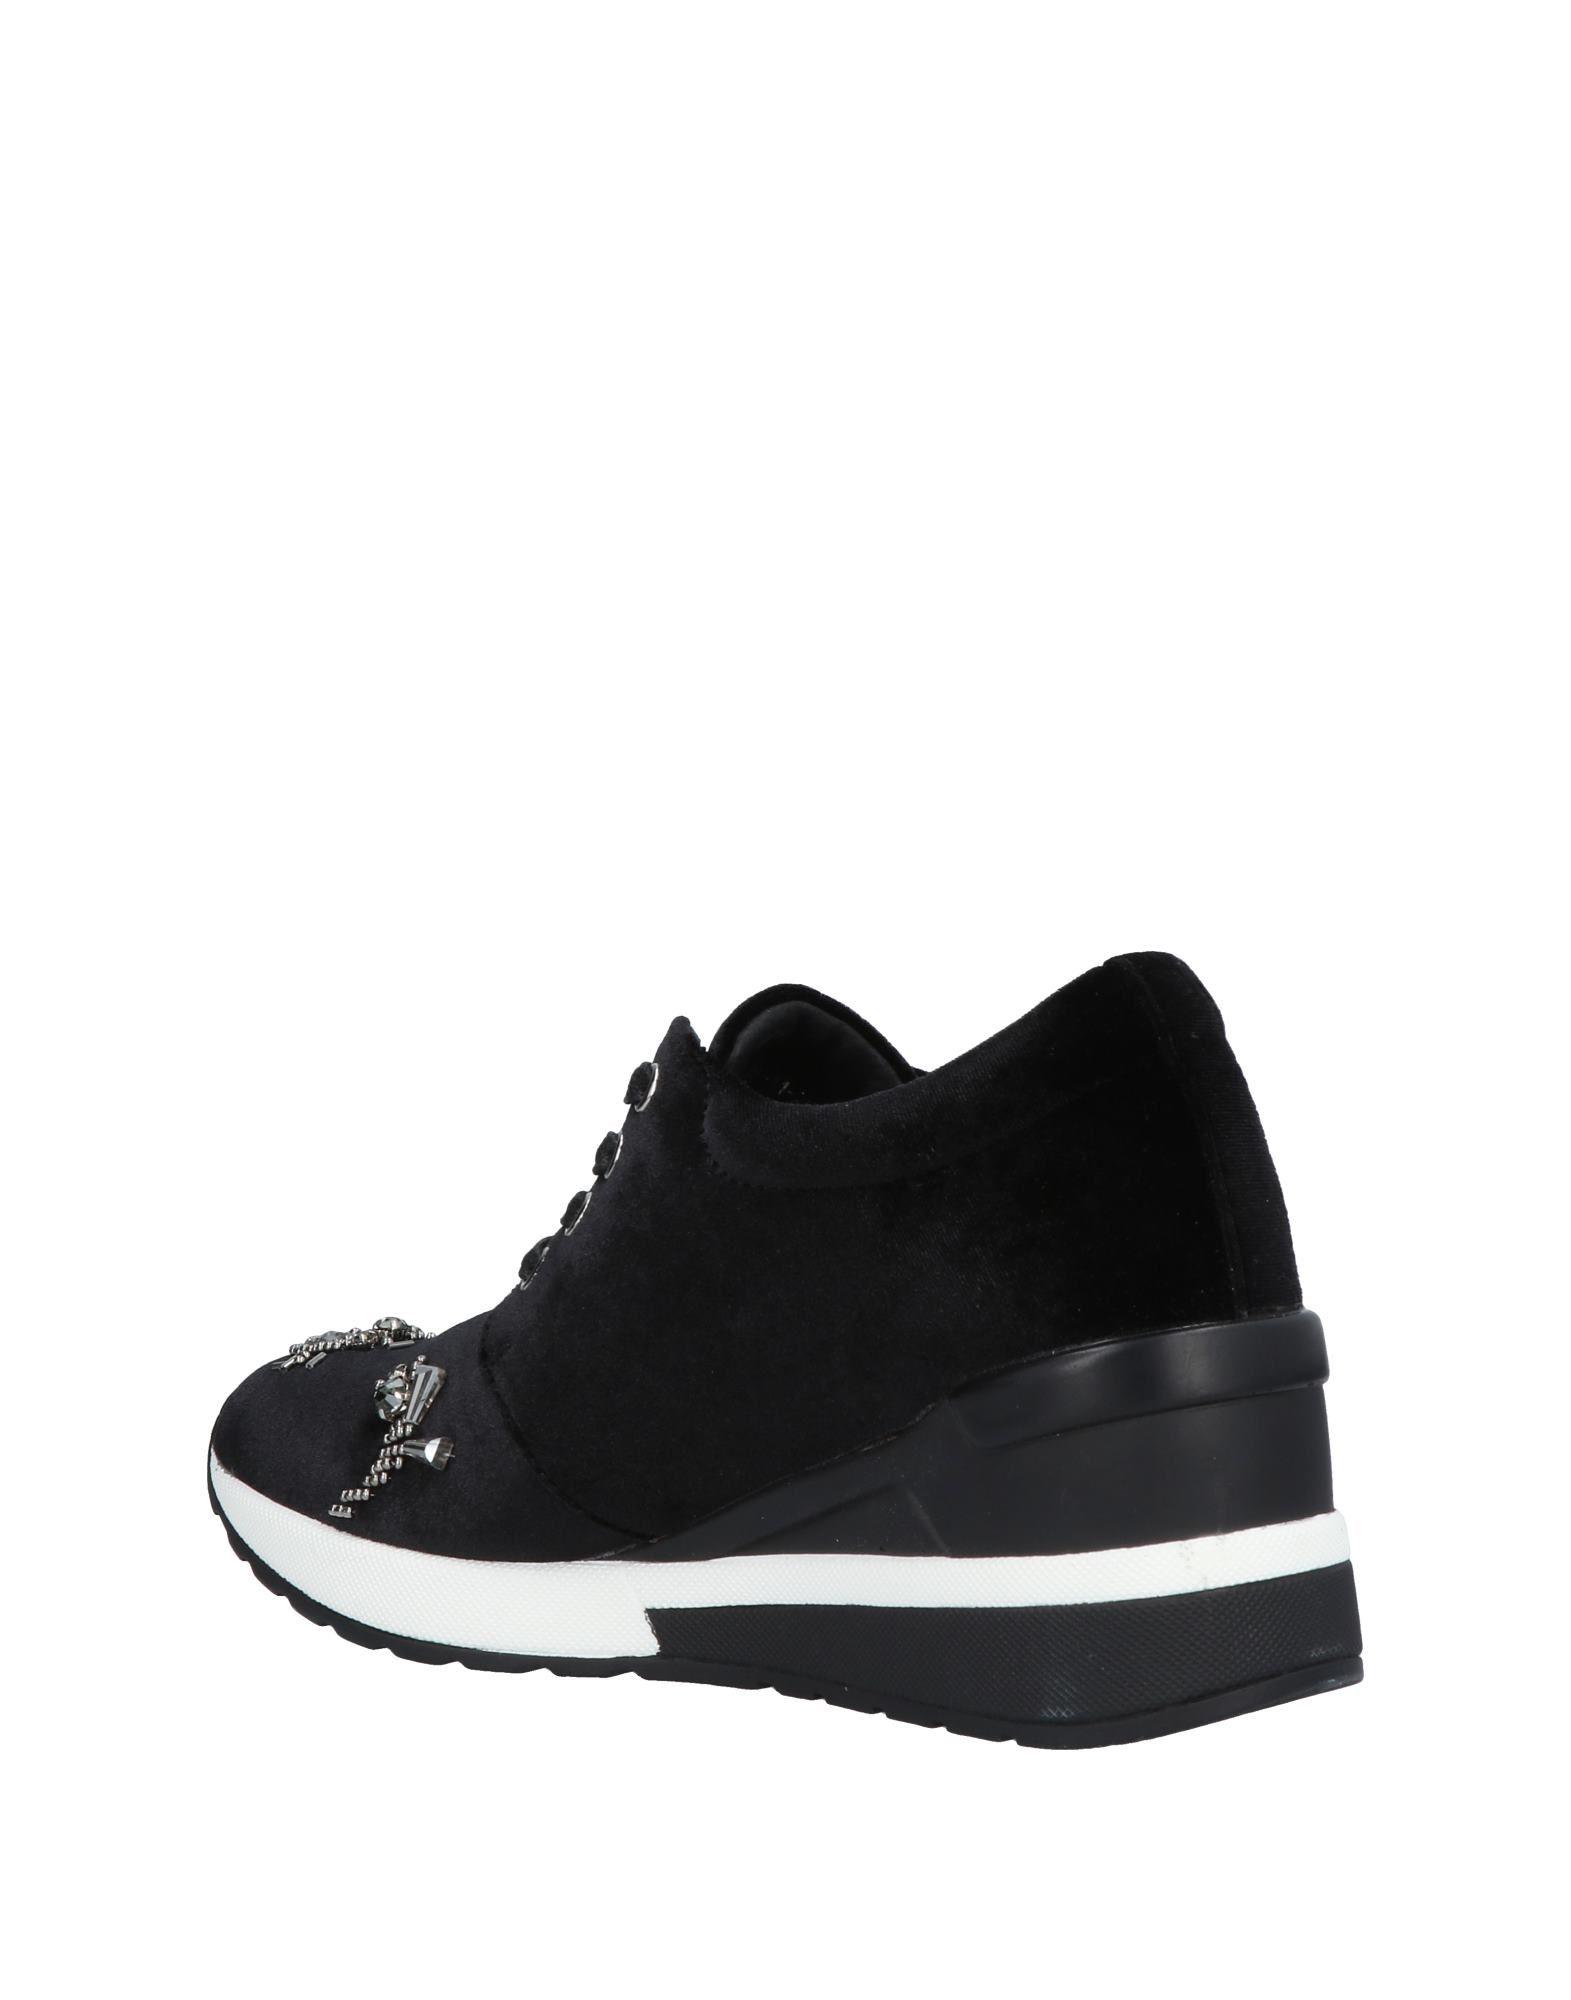 ... Sneakers Emanuélle Vee Femme - Sneakers Emanuélle Vee sur ...